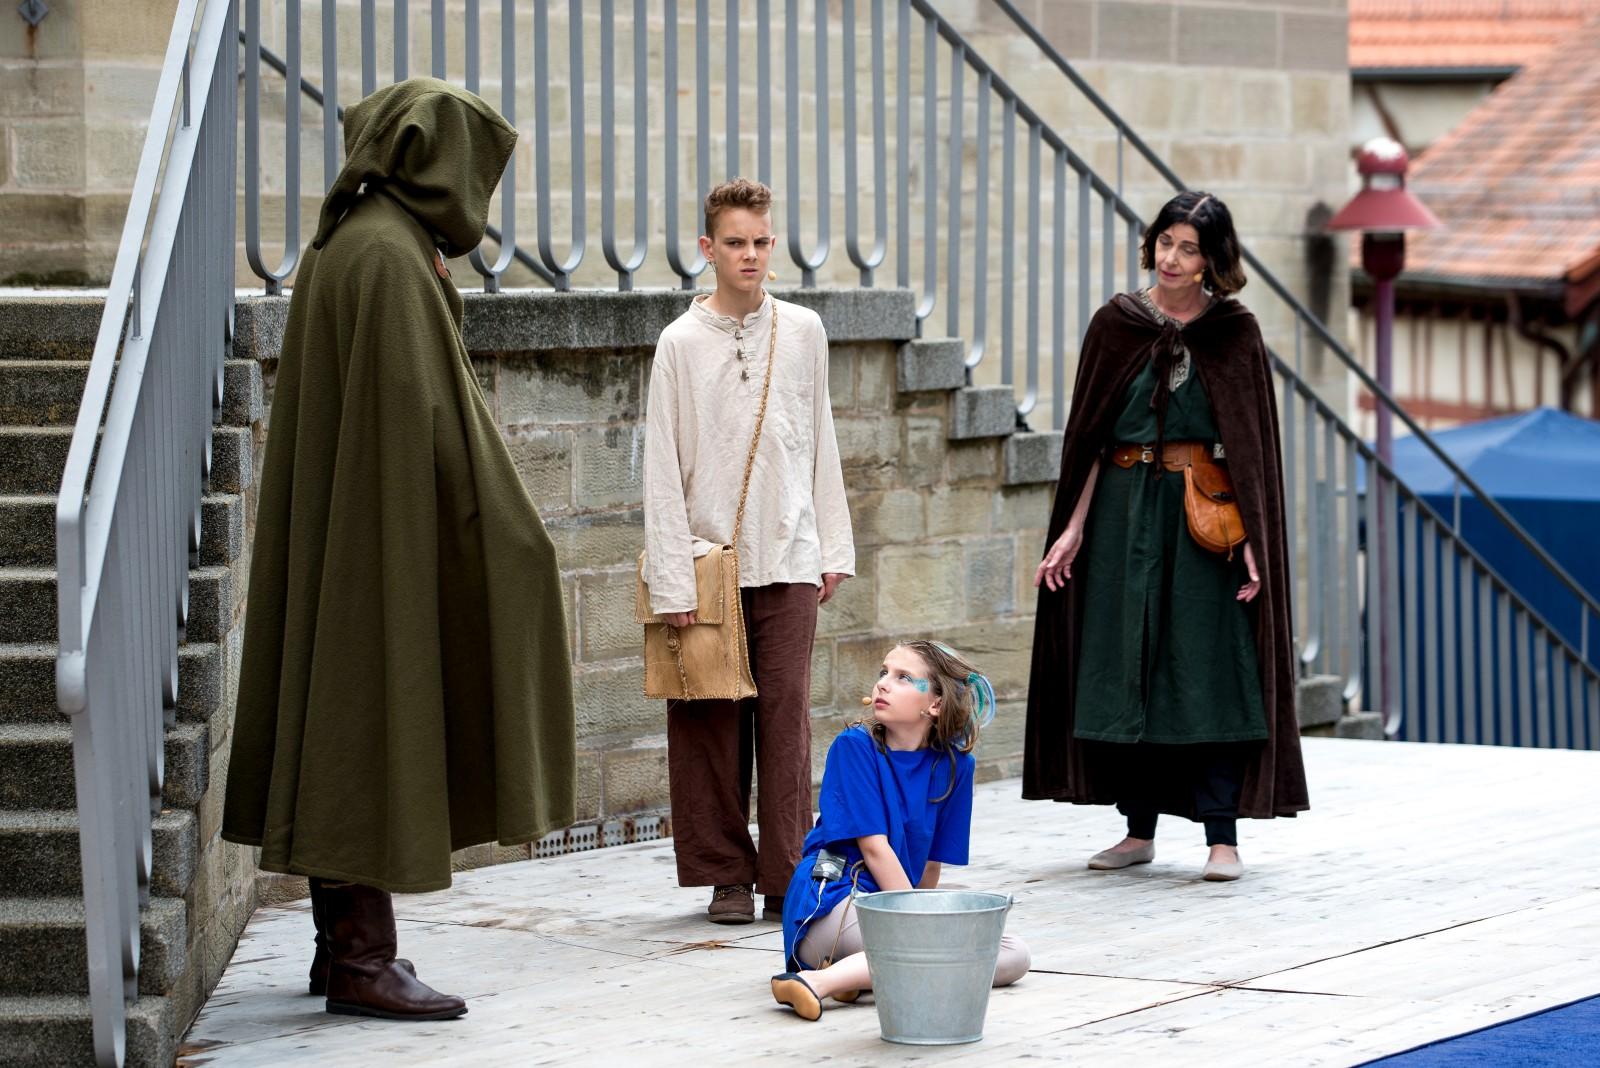 2019: Druidin in Selkie